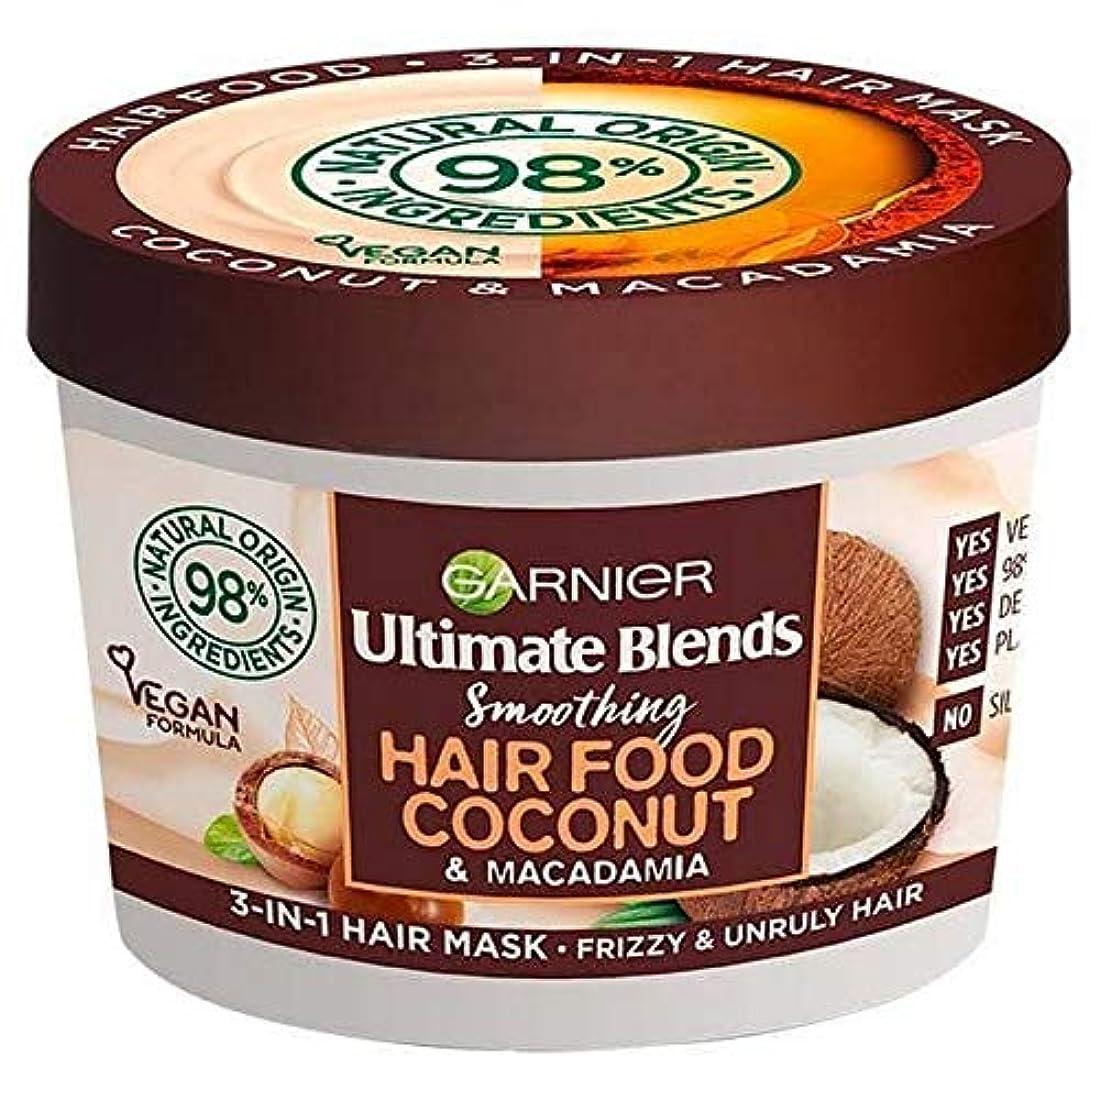 子羊管理把握[Garnier ] ガルニエ究極は1つのマスク390ミリリットルでヘア食品ココナッツ3をブレンド - Garnier Ultimate Blends Hair Food Coconut 3 in 1 Mask 390ml [並行輸入品]